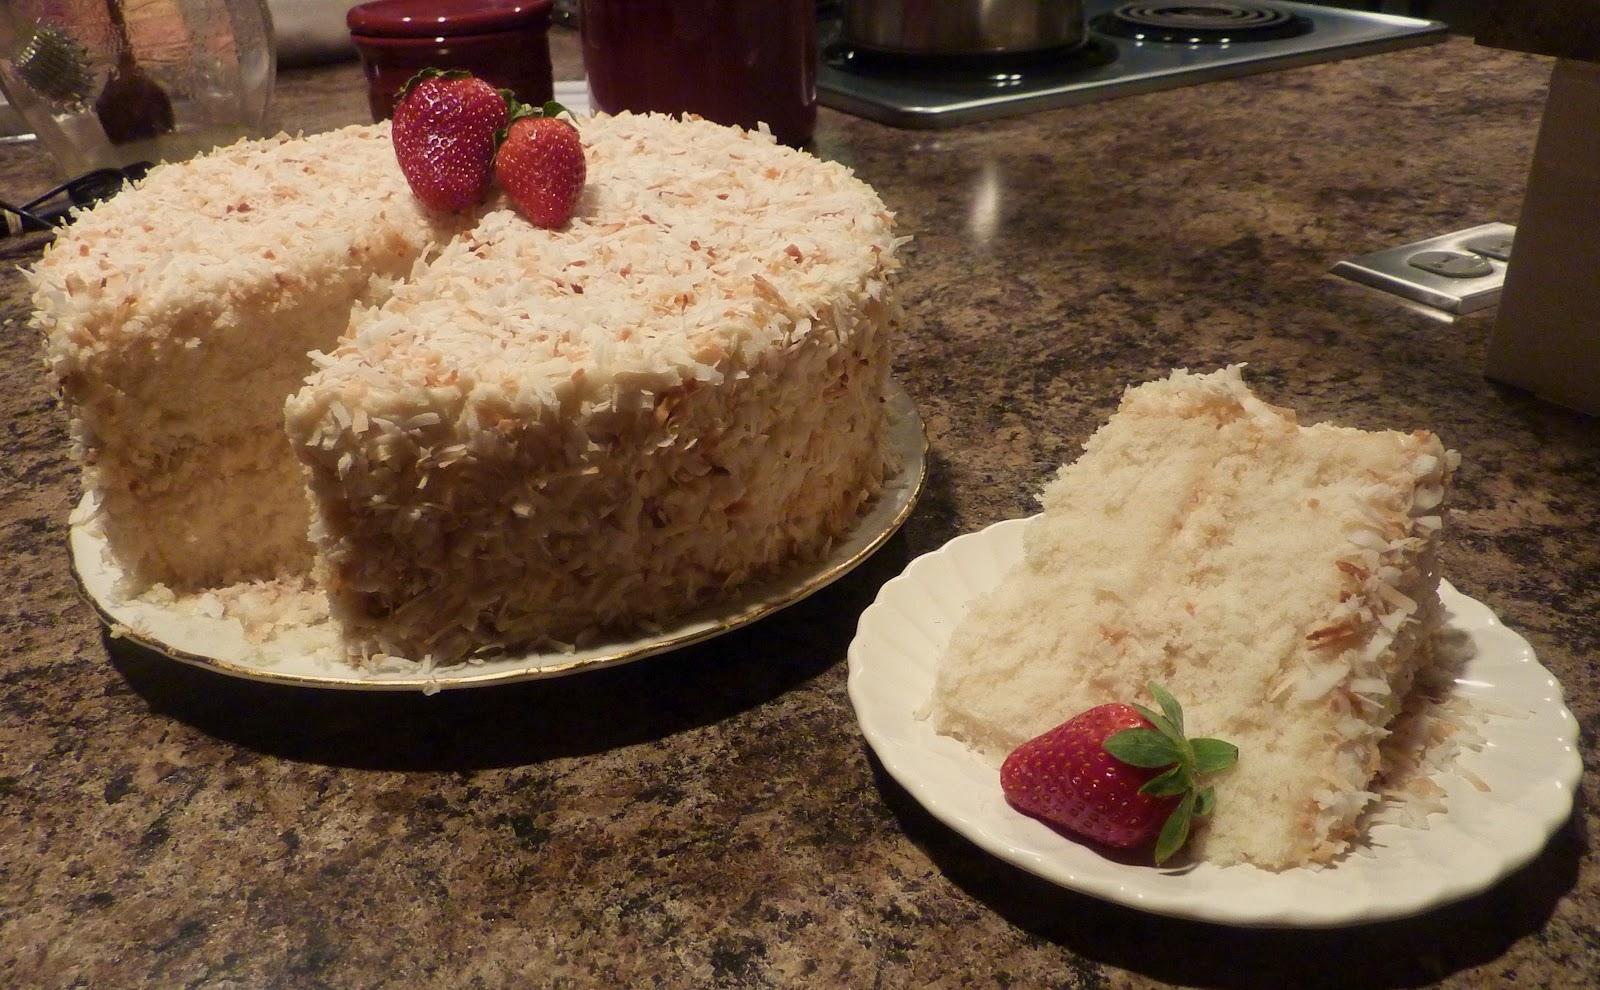 Cream Cake Recipes From Scratch